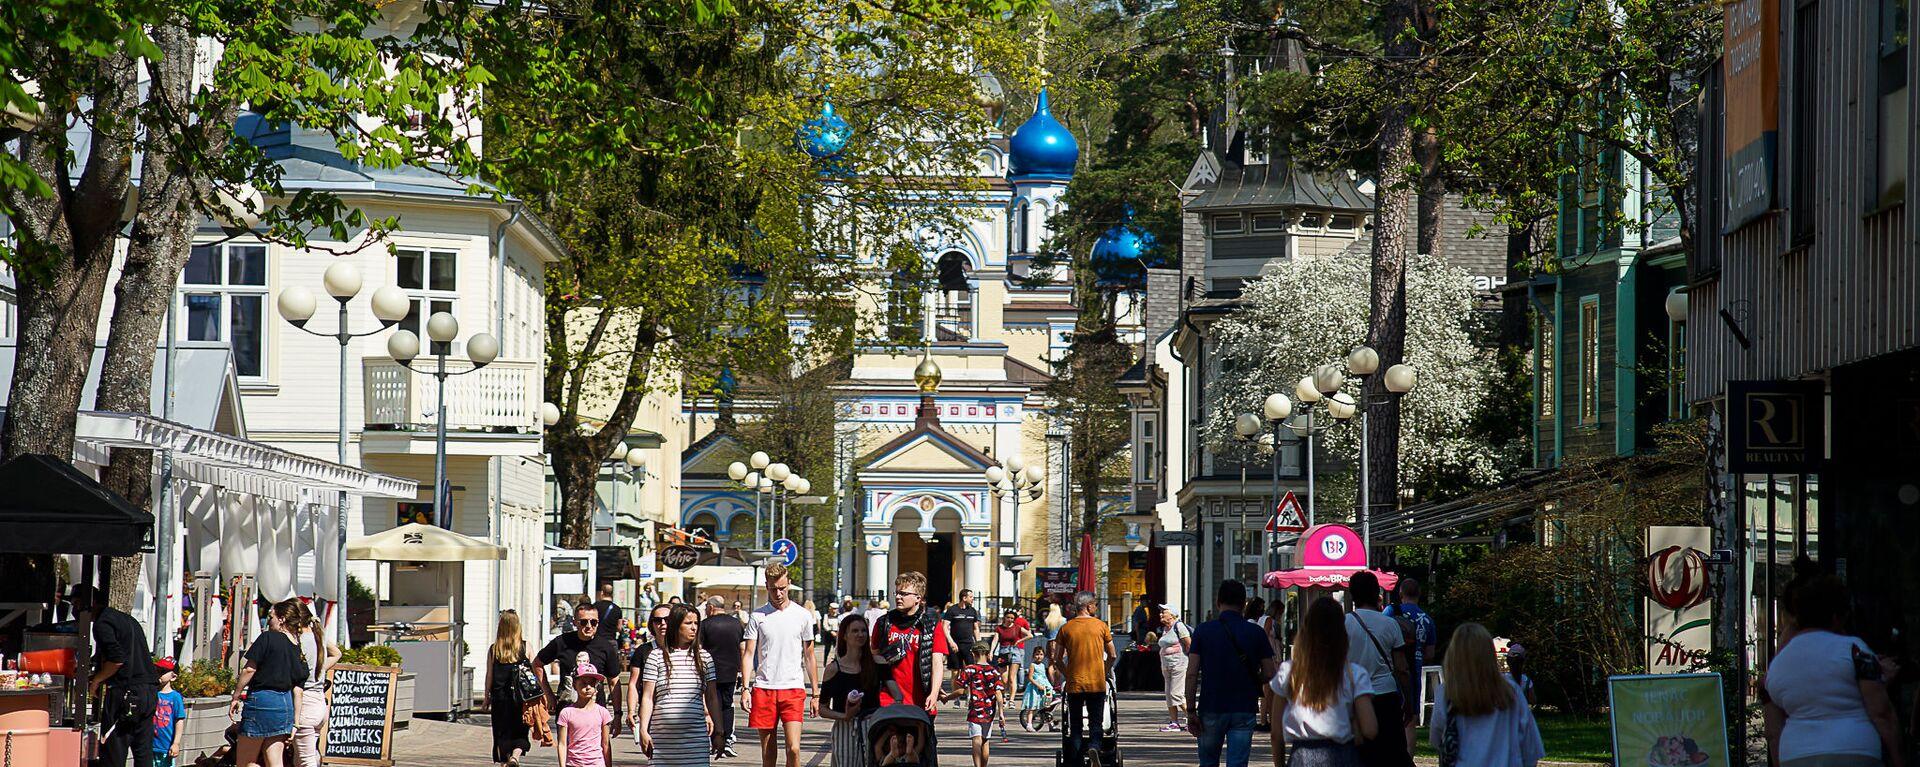 Улица Йомас в Юрмале - Sputnik Латвия, 1920, 19.05.2021